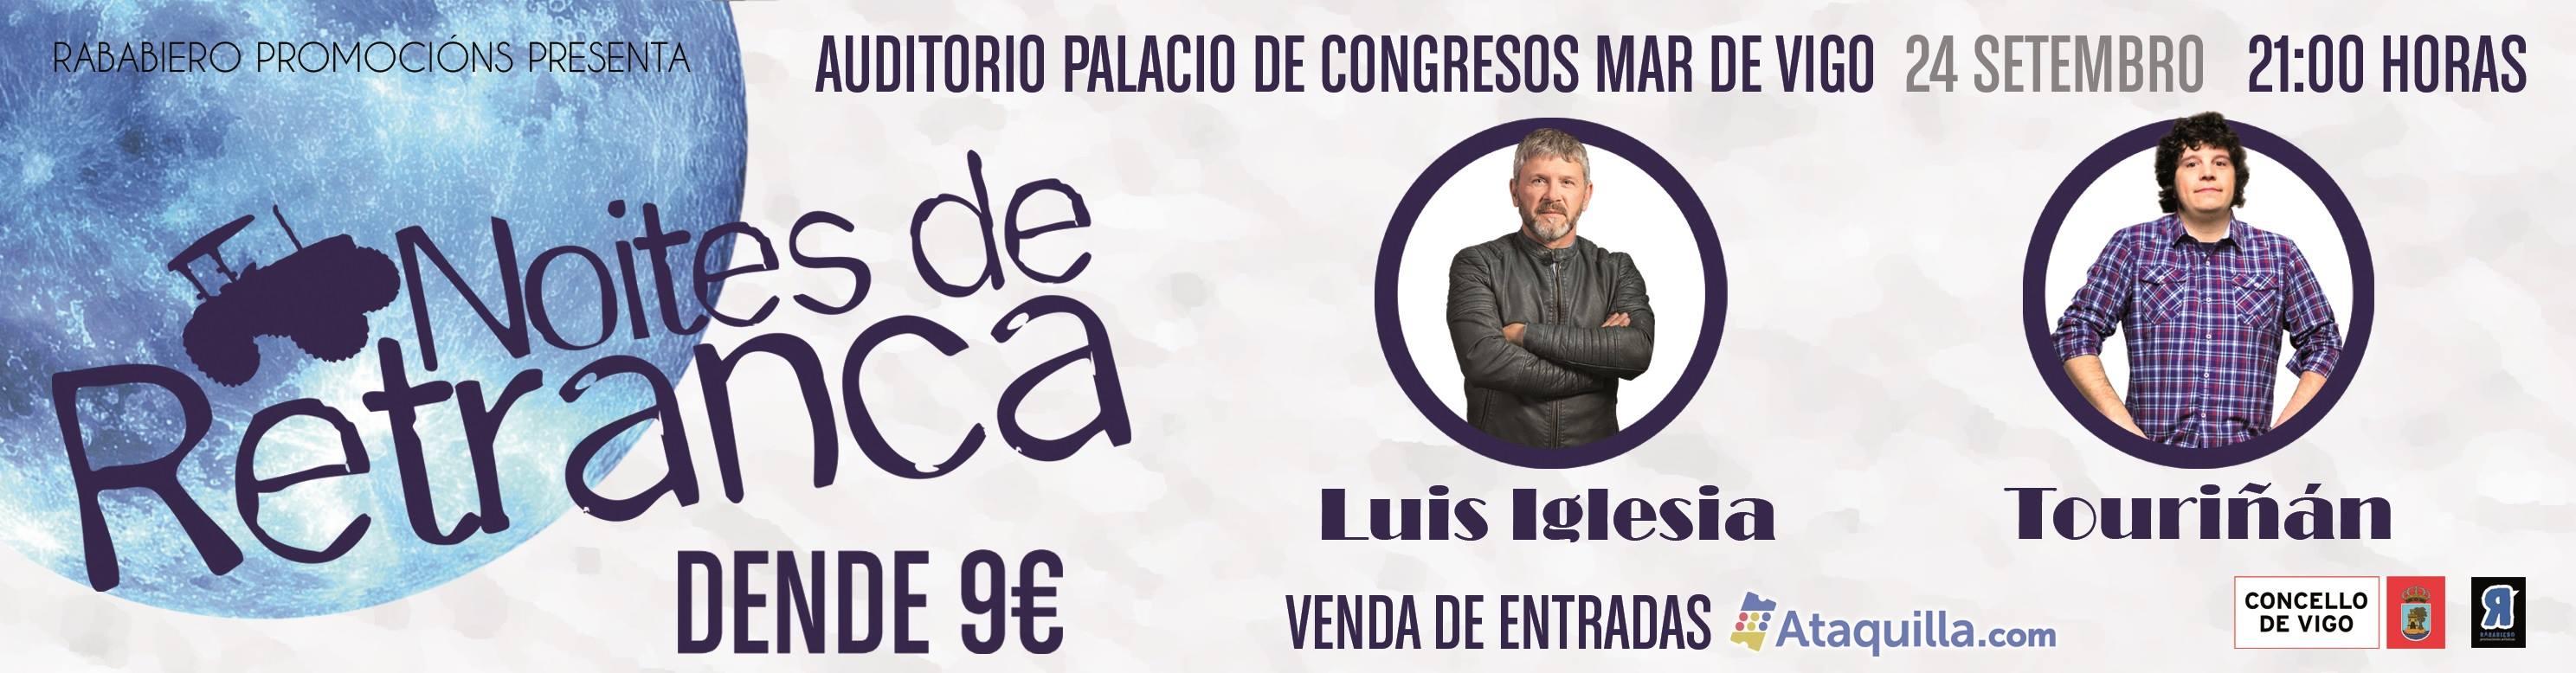 Noites de Retranca: Luis Iglesia e Touriñán